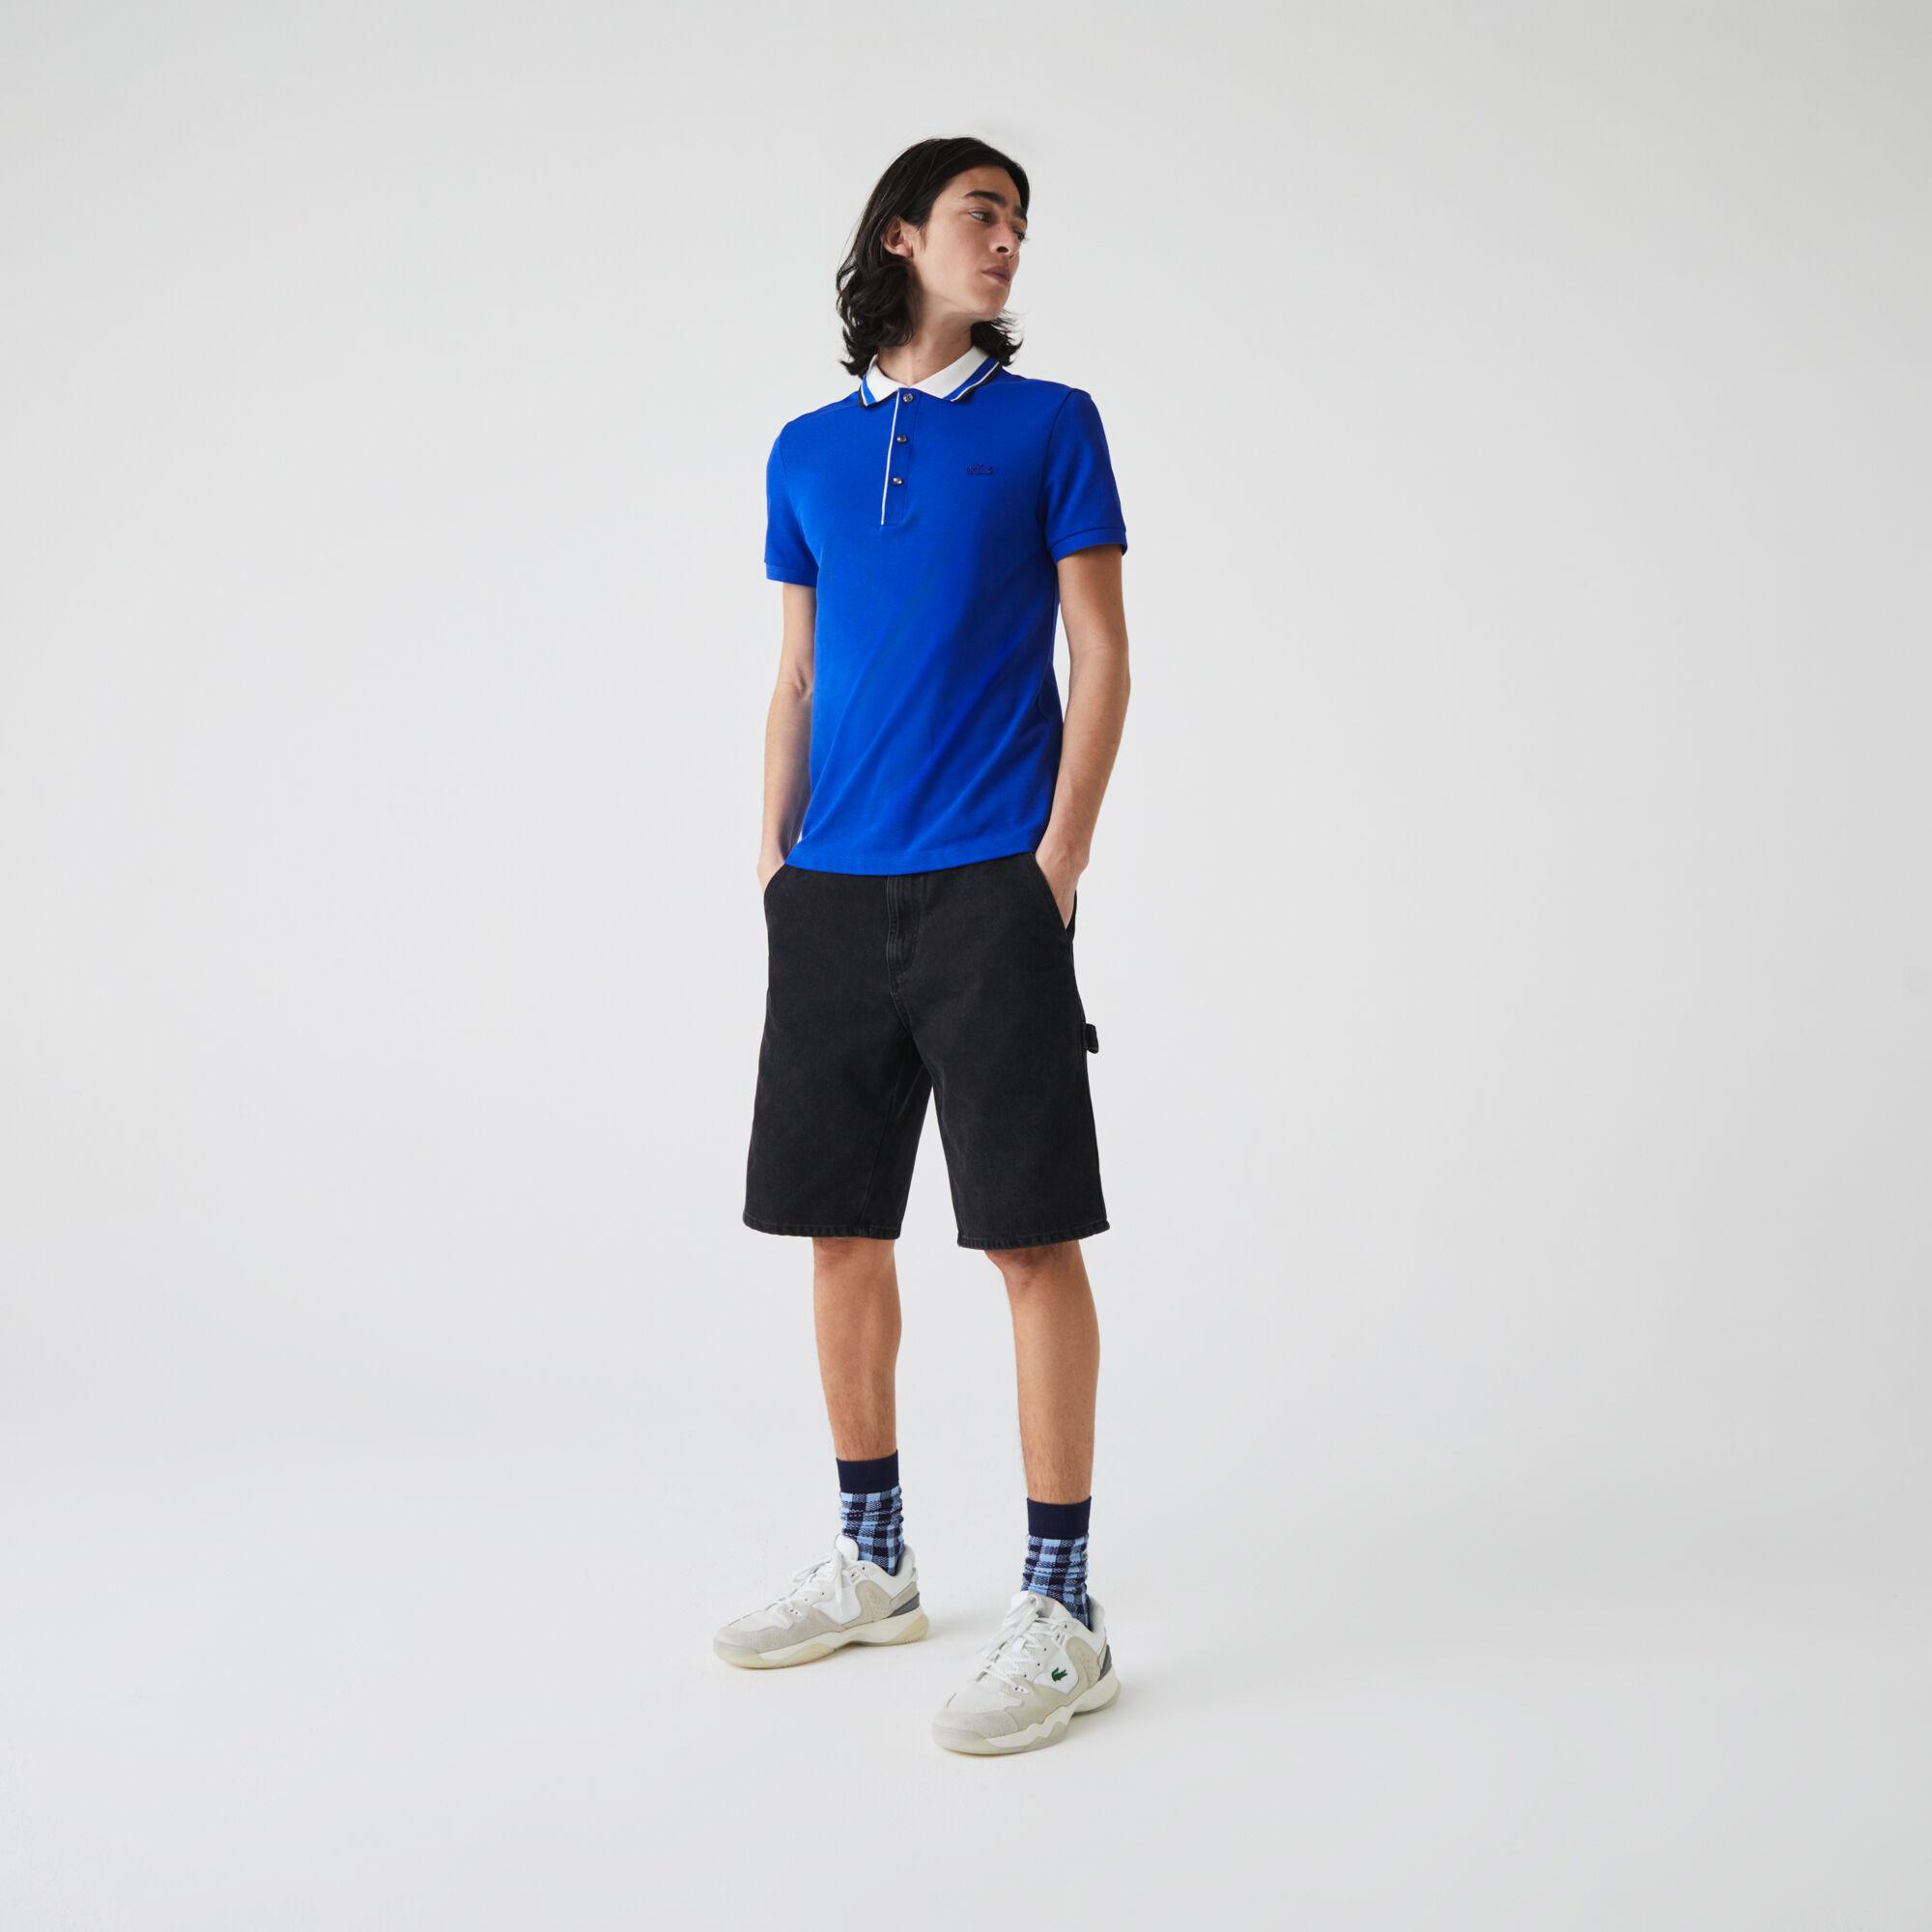 قميص بولو من بيكيه القطن للرجال بياقة مقلمة وقصة ضيقة